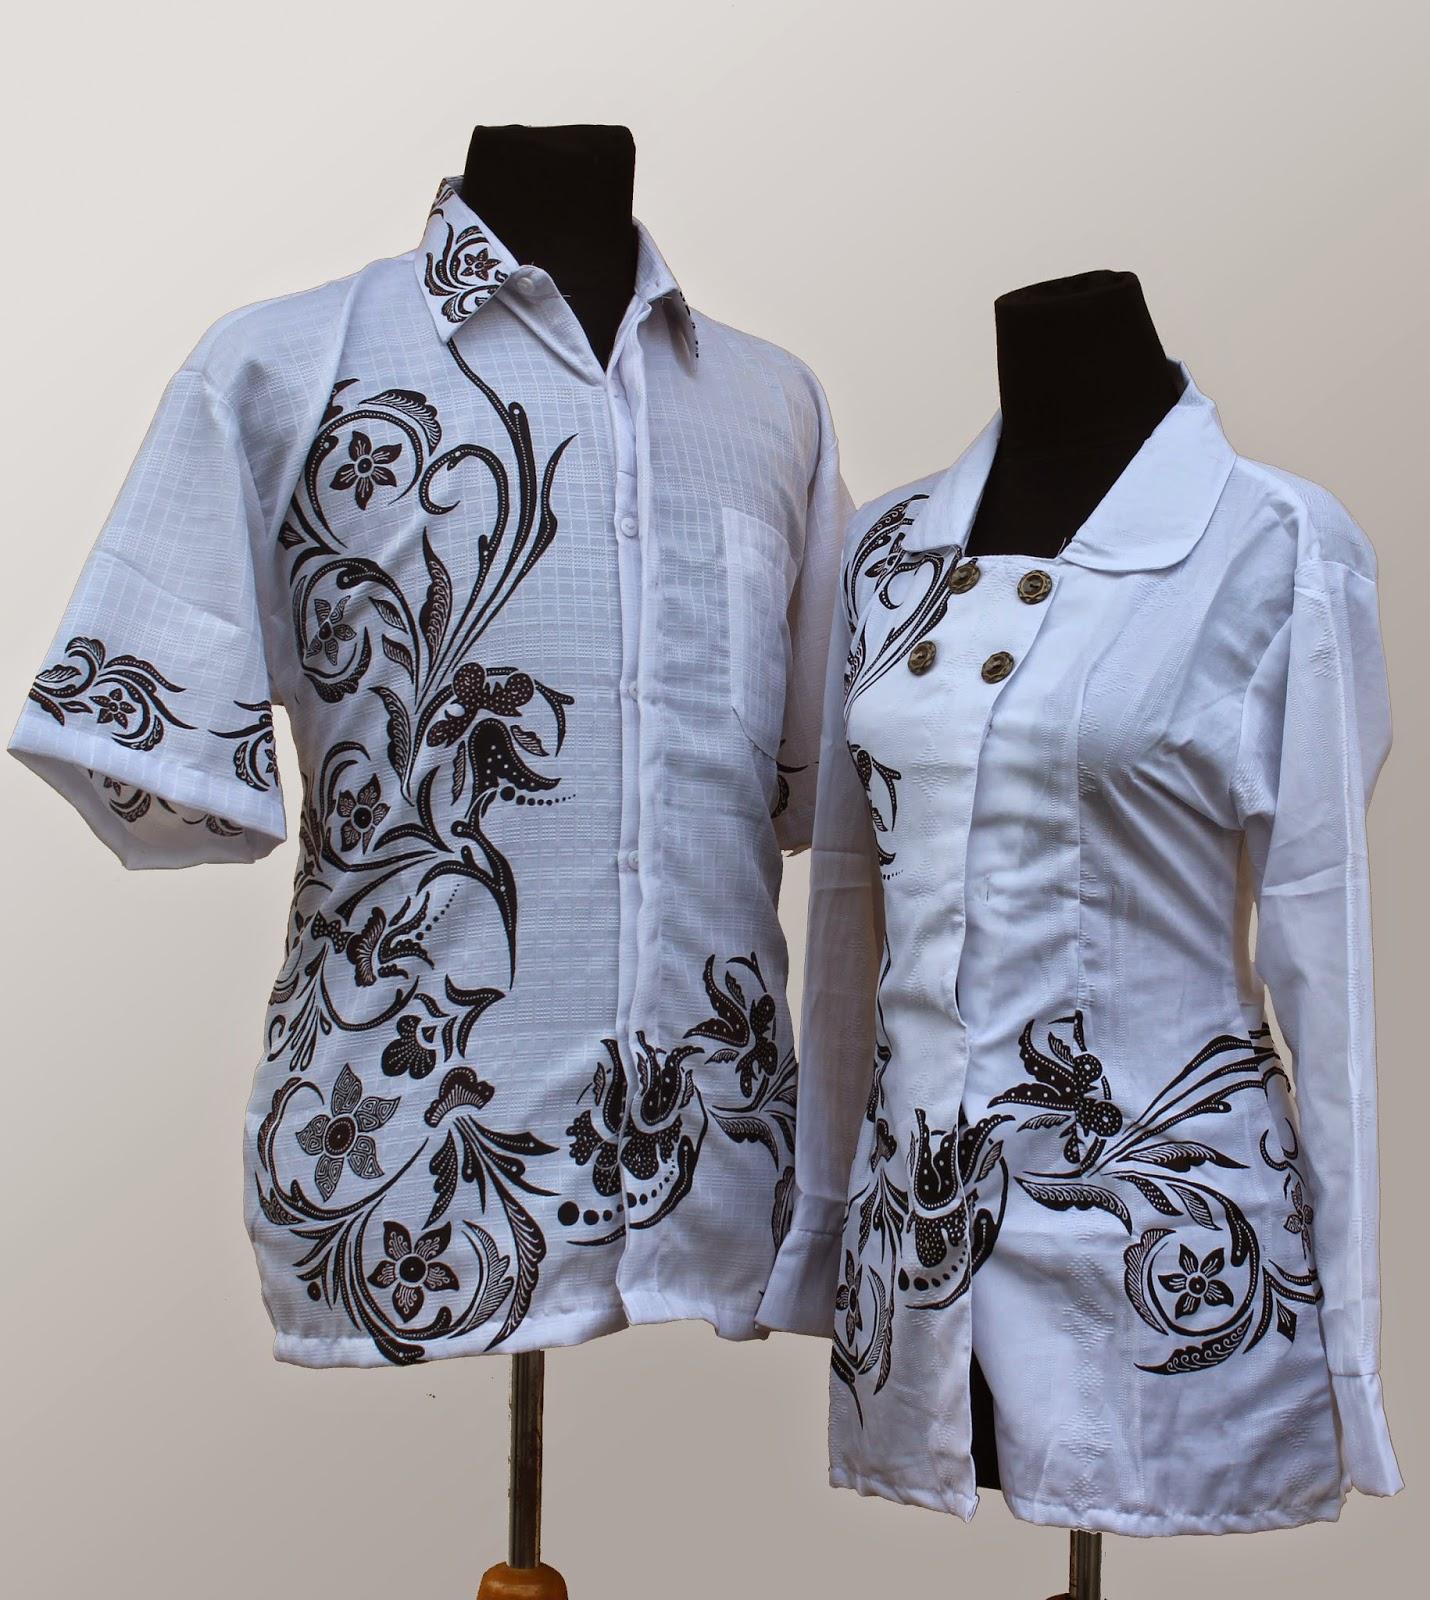 Baju Batik Tanah Abang Murah: Grosir Baju Batik Murah Berkualitas Tanah Abang